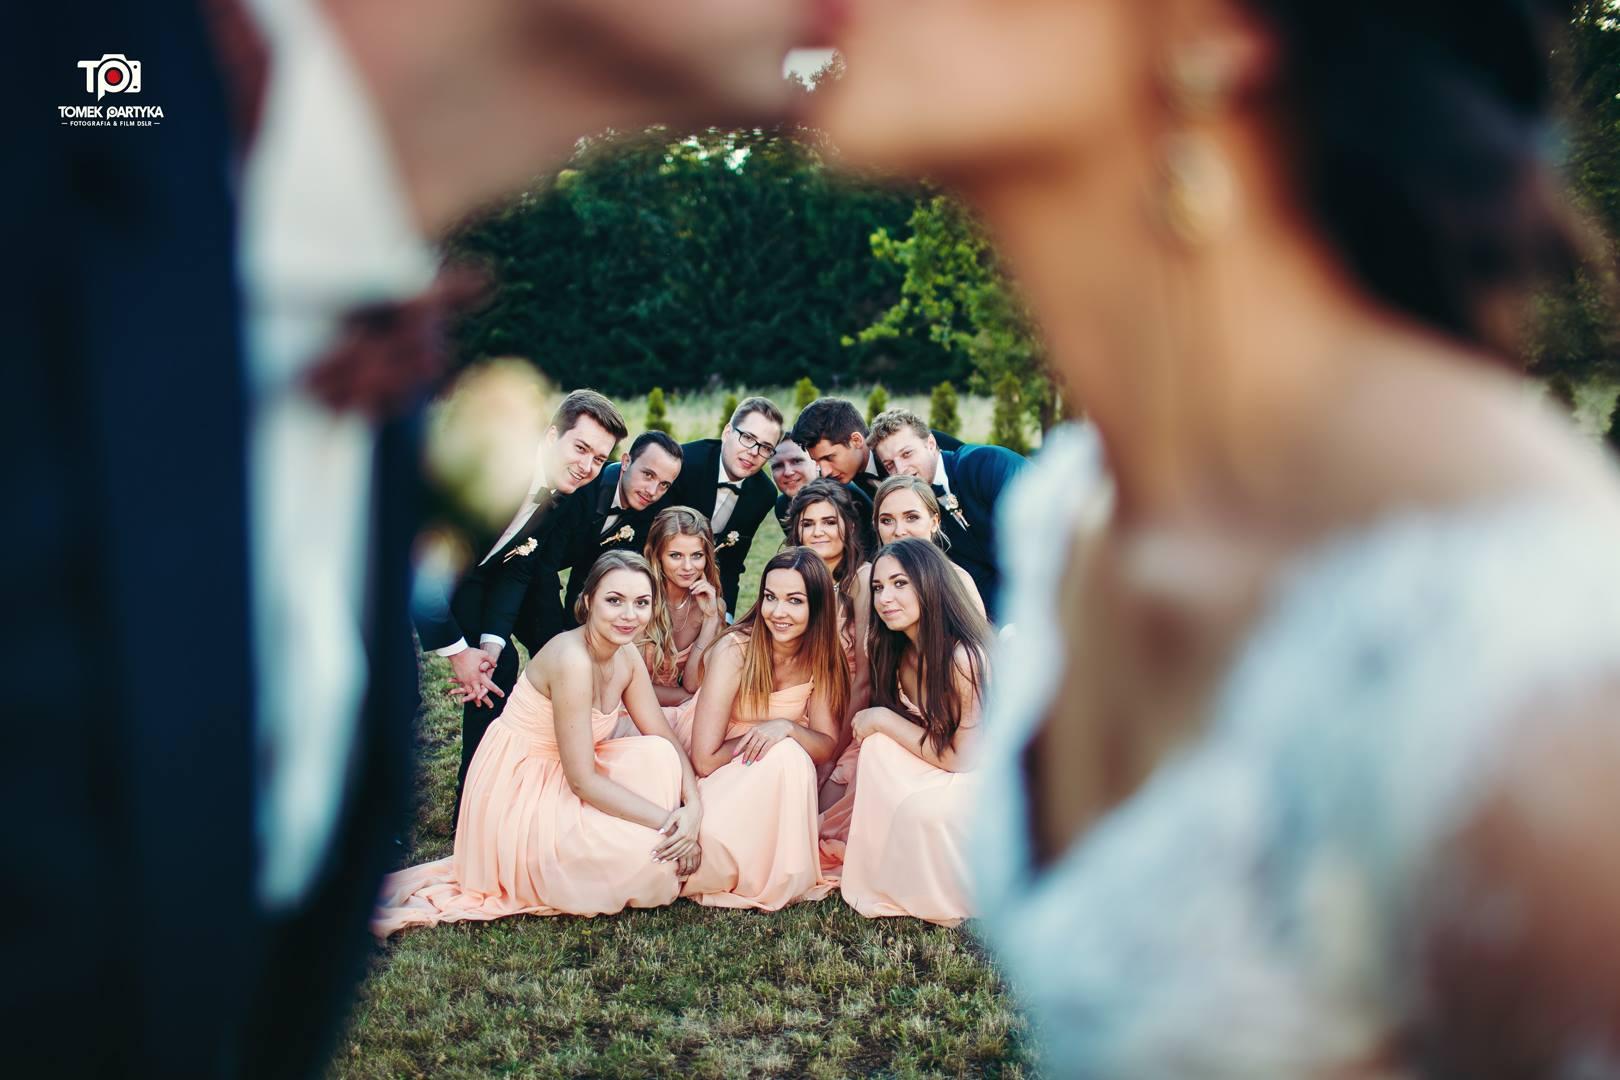 świadkowie na weselu,drużbowie na weselu, zdjęcie ze świadkami,zdjęcie z drużbami